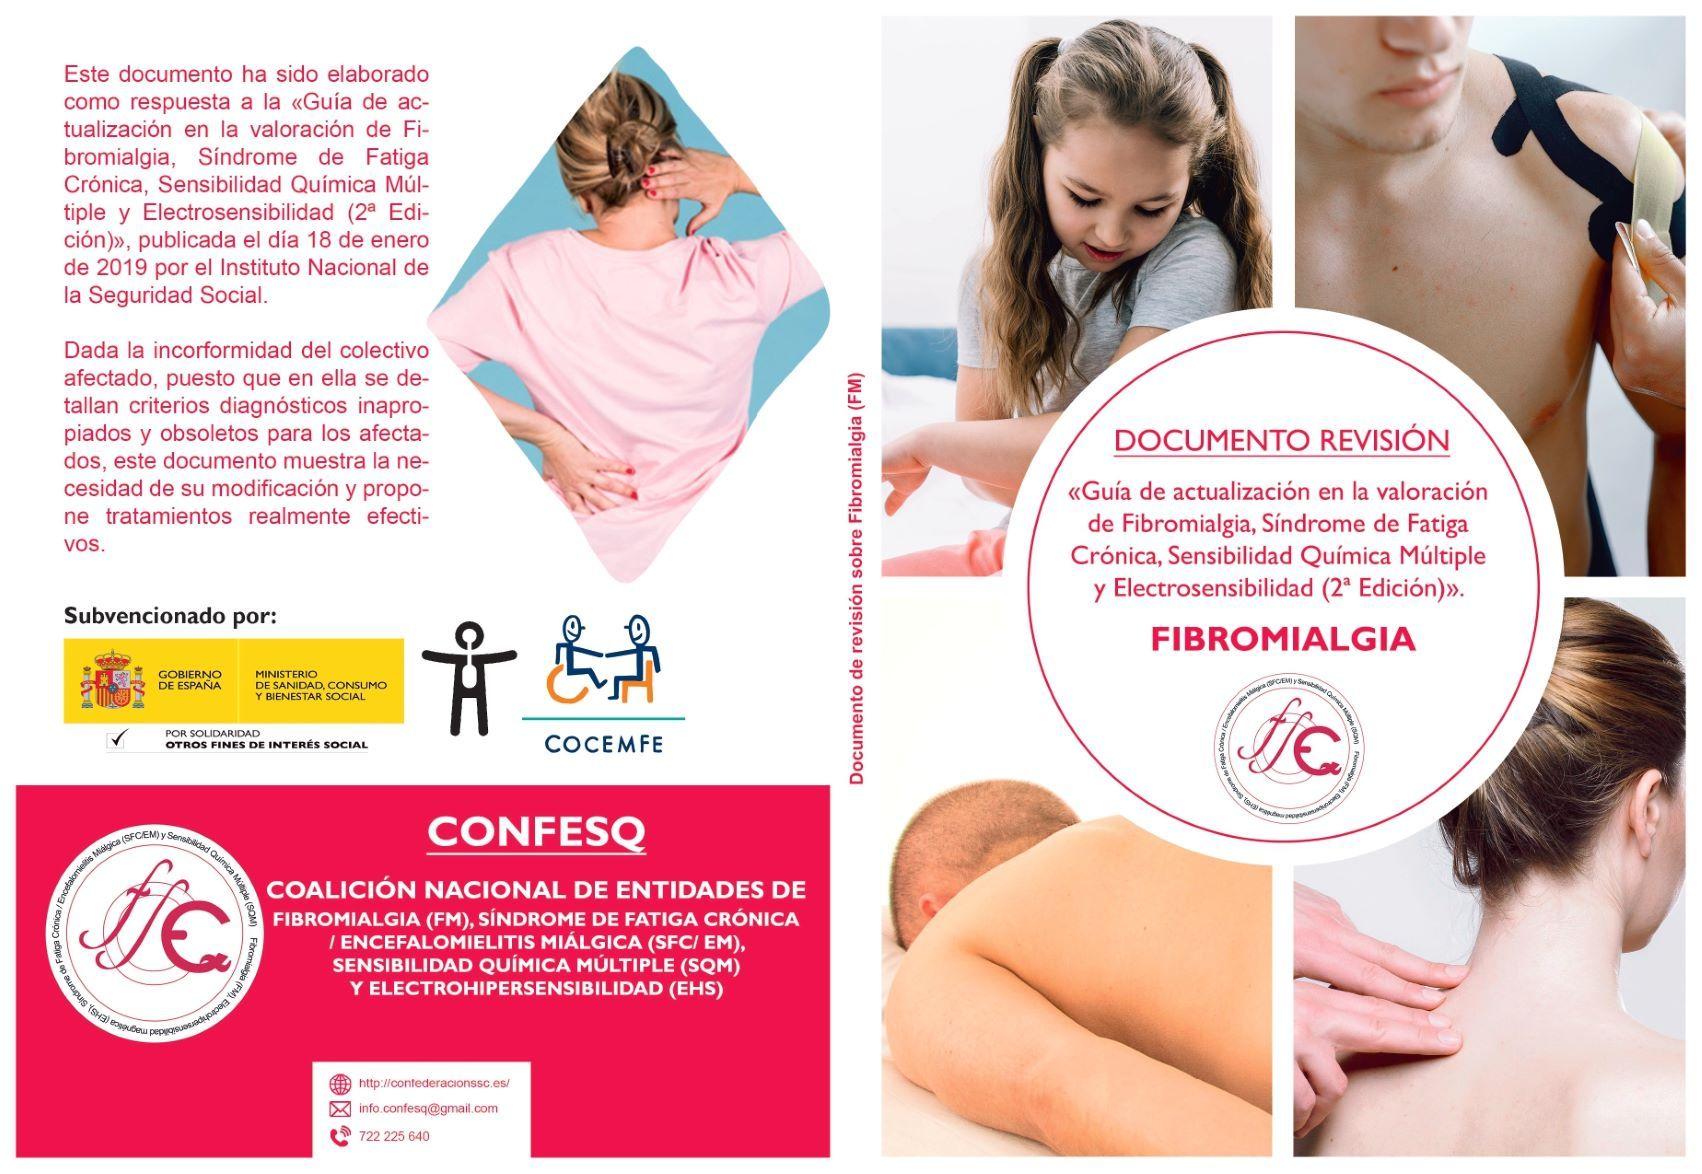 Asociaciones de pacientes de fibromialgia piden revisar una guía al INSS